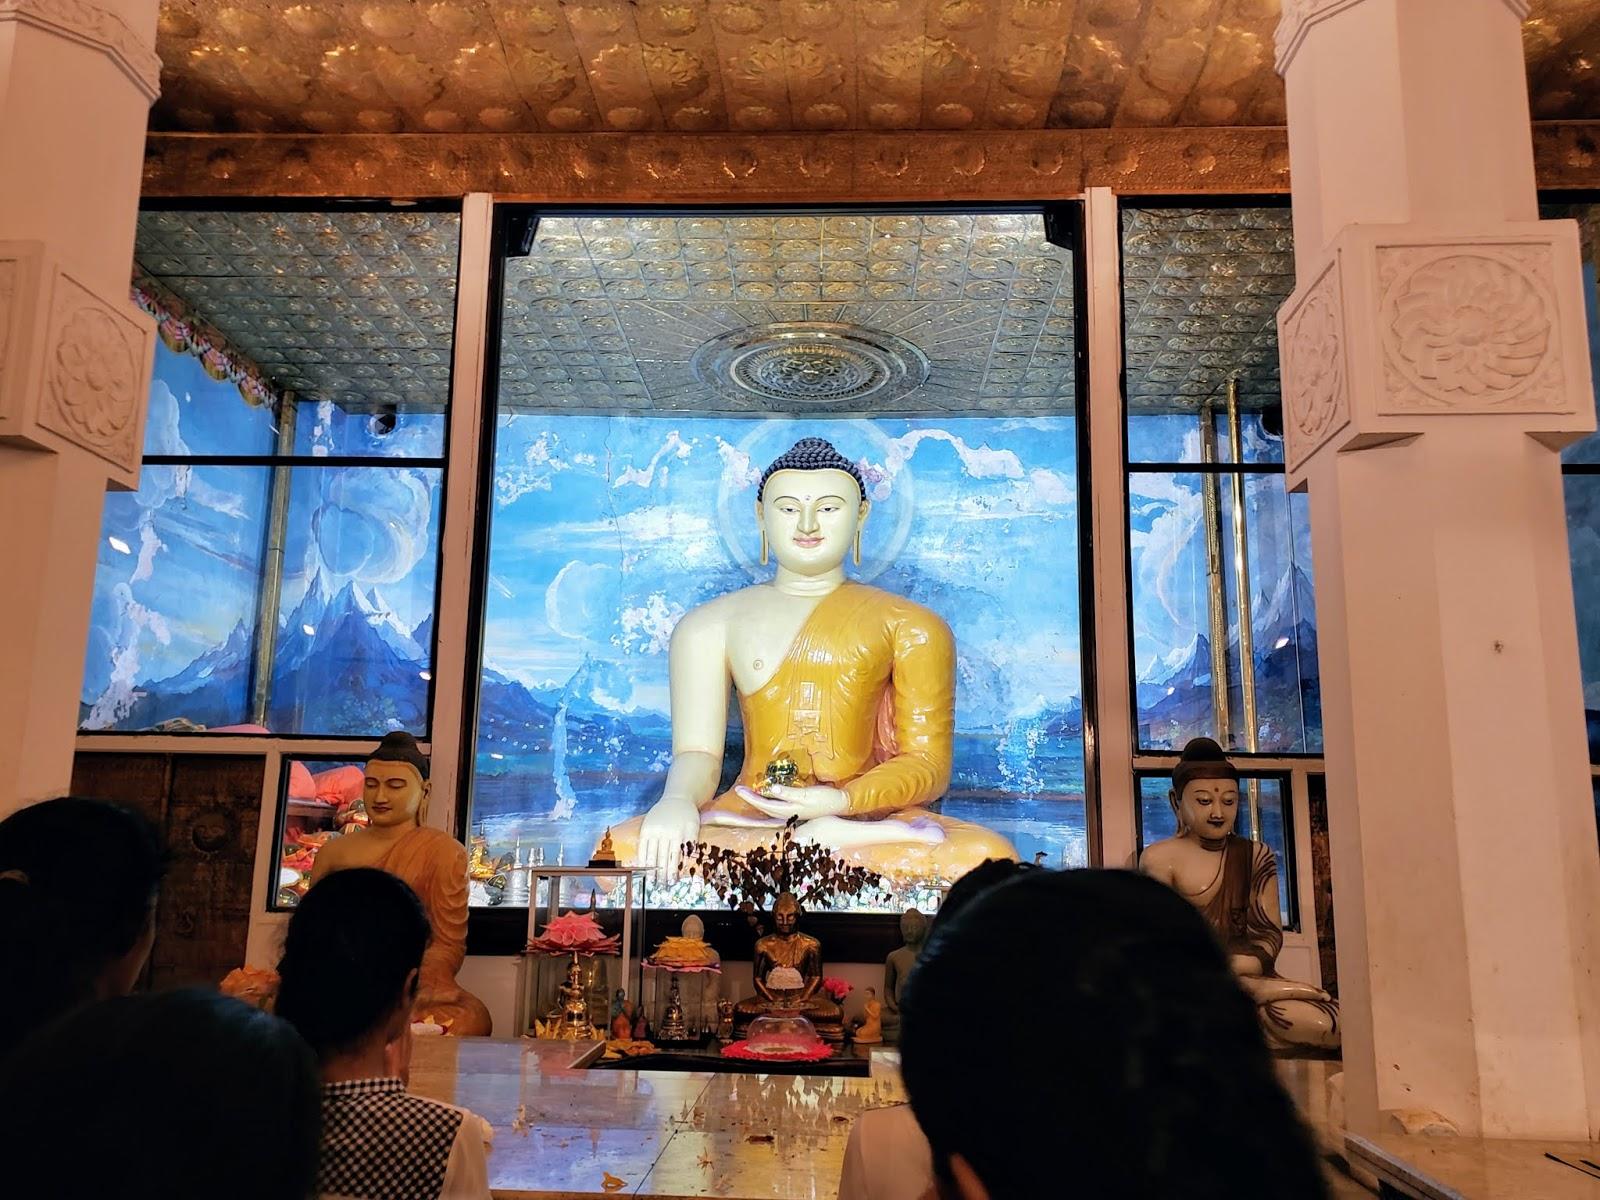 श्री महा बोधी शाखा के नीचे मंदिर